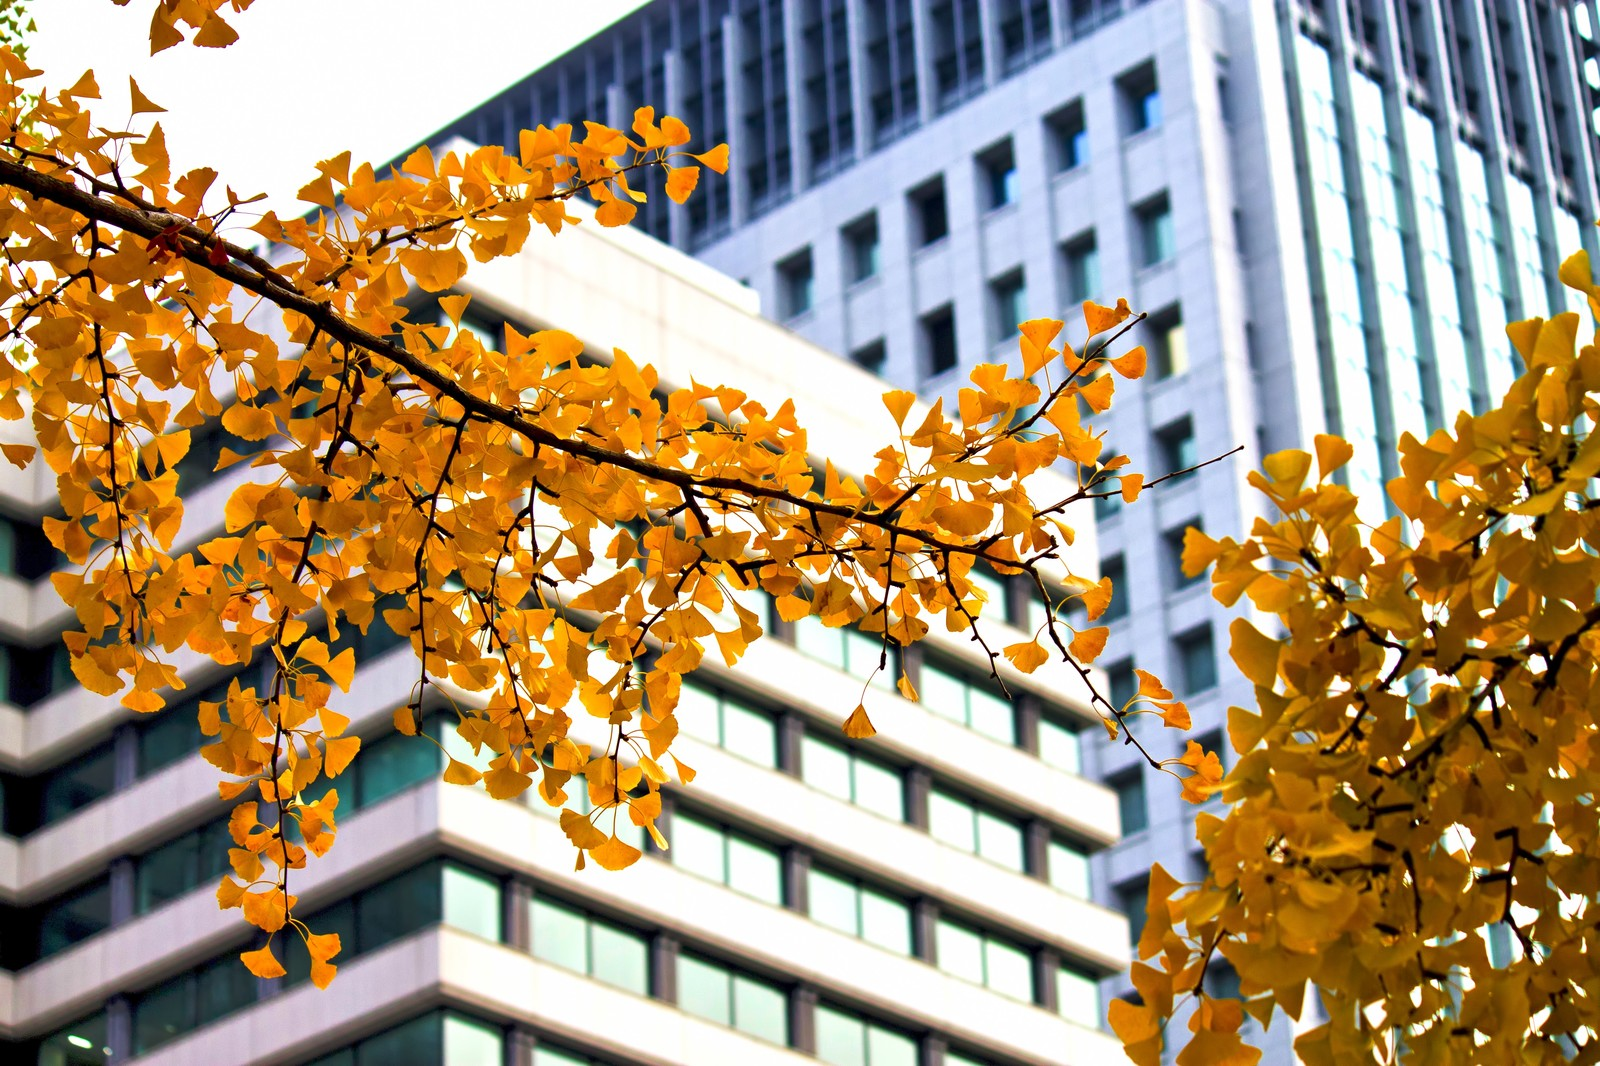 「黄色く紅葉する銀杏とビル黄色く紅葉する銀杏とビル」のフリー写真素材を拡大